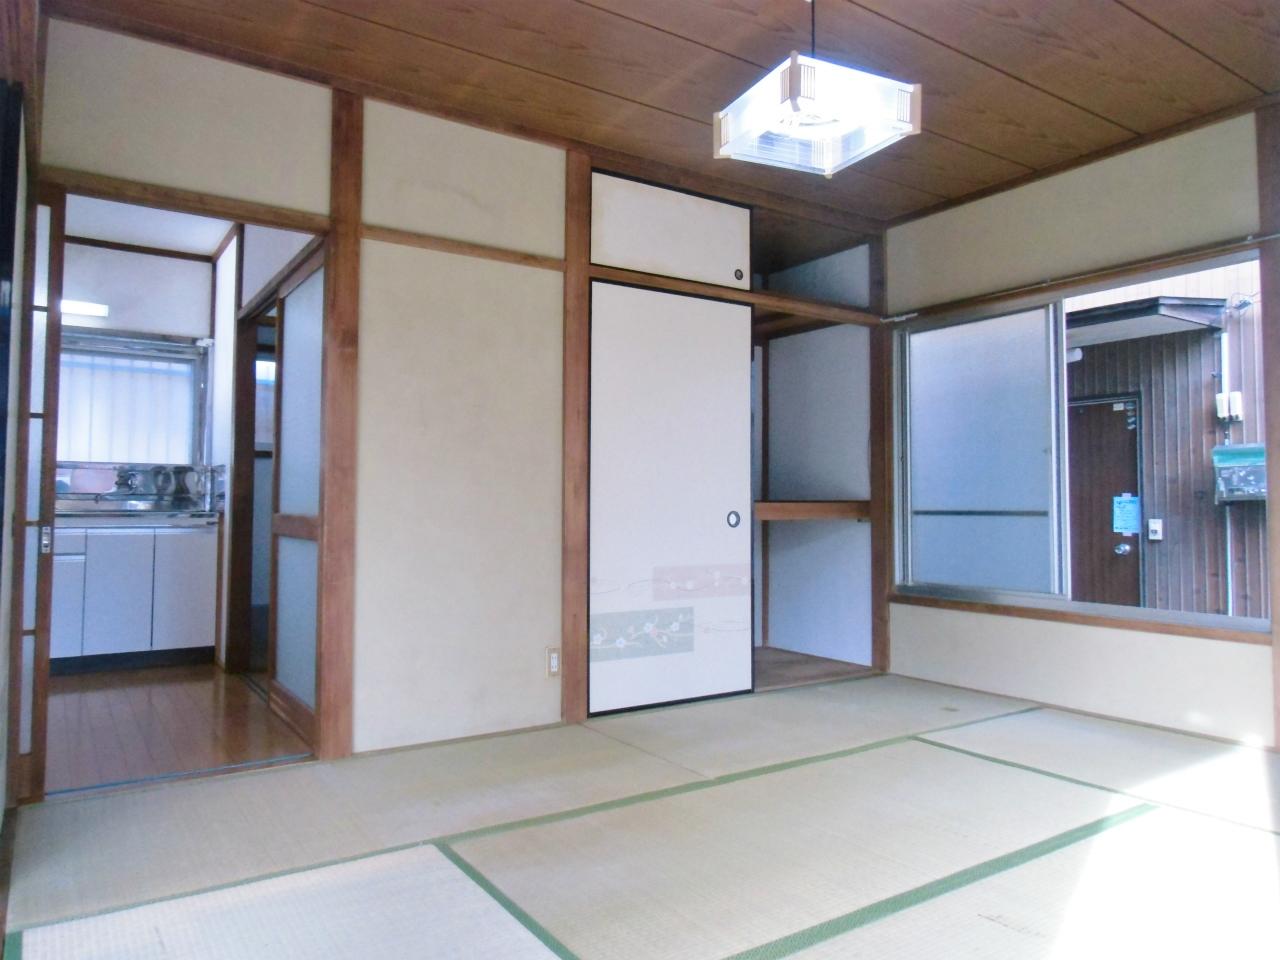 その他部屋・スペース 和室はやっぱり和みますね♪♪♪